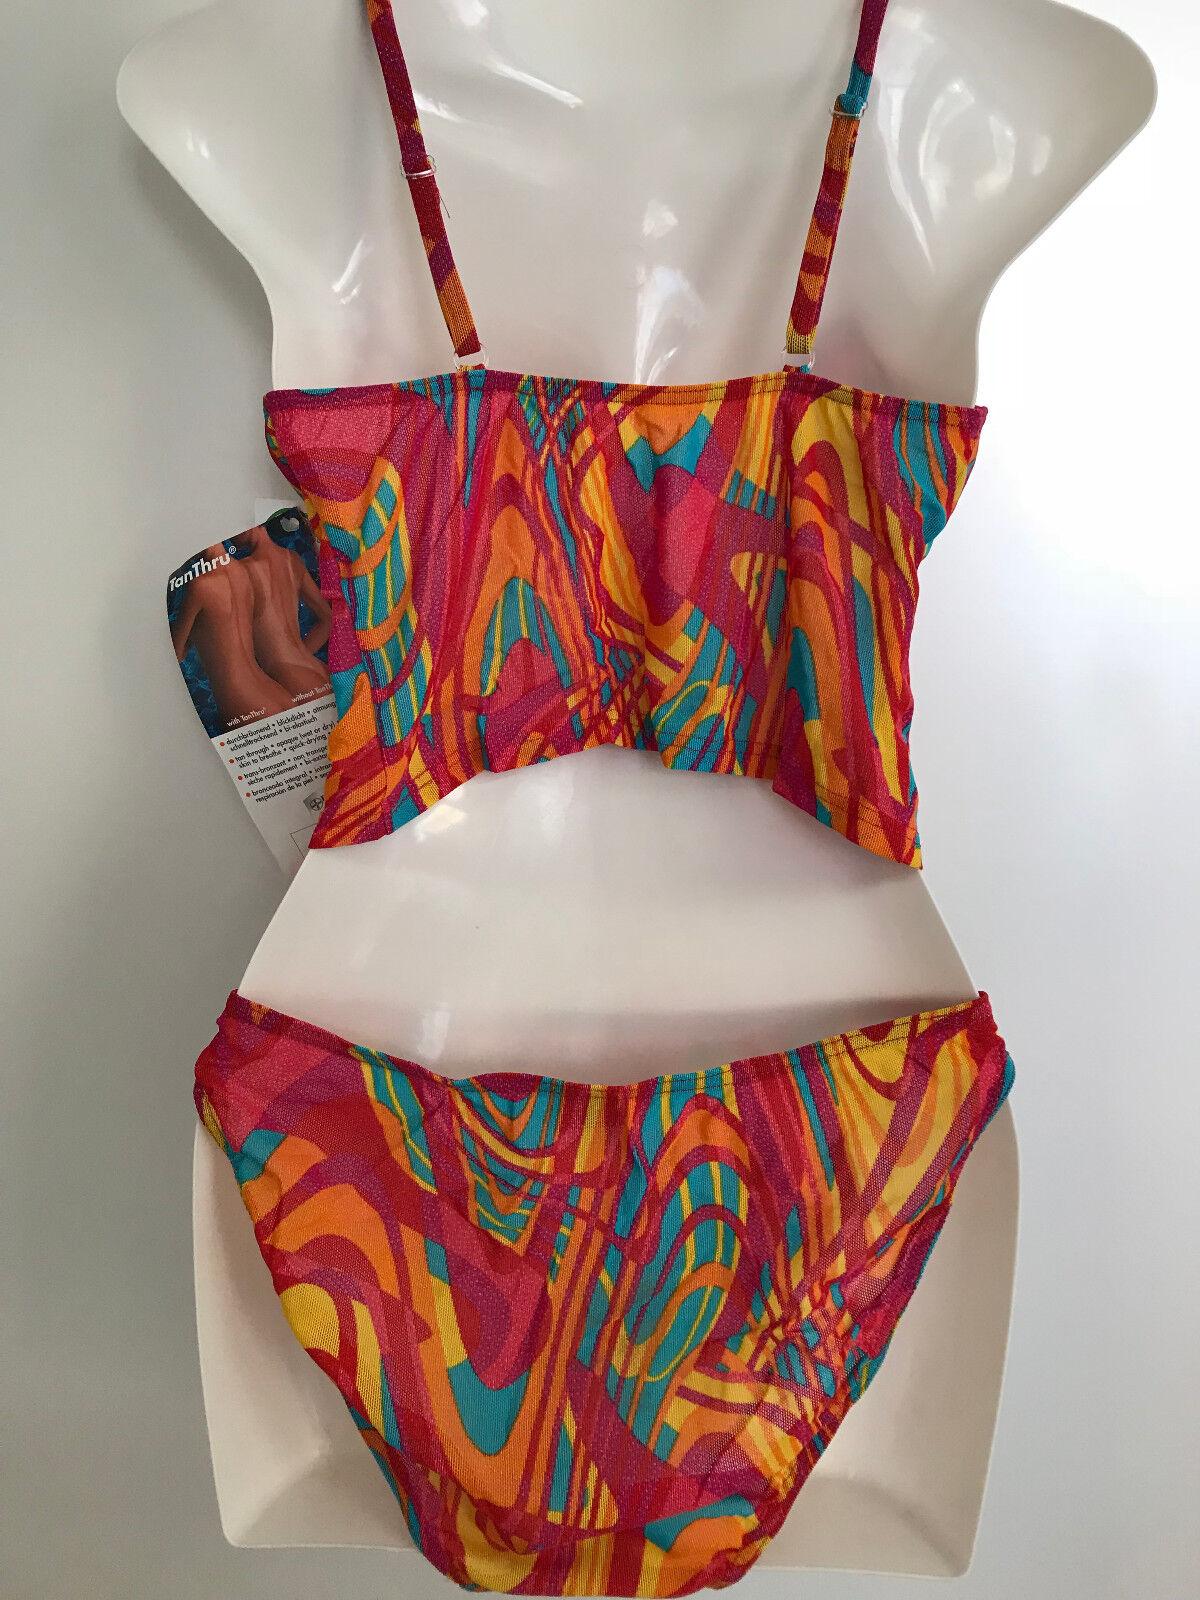 TanThru Bikini Durchbräunend Karibik Dschungel Tankini Tankini Tankini 38 B US 9 10 Solar Neu | Stabile Qualität  | Quality First  | Hervorragende Eigenschaften  | Helle Farben  | Erste Gruppe von Kunden  4299eb